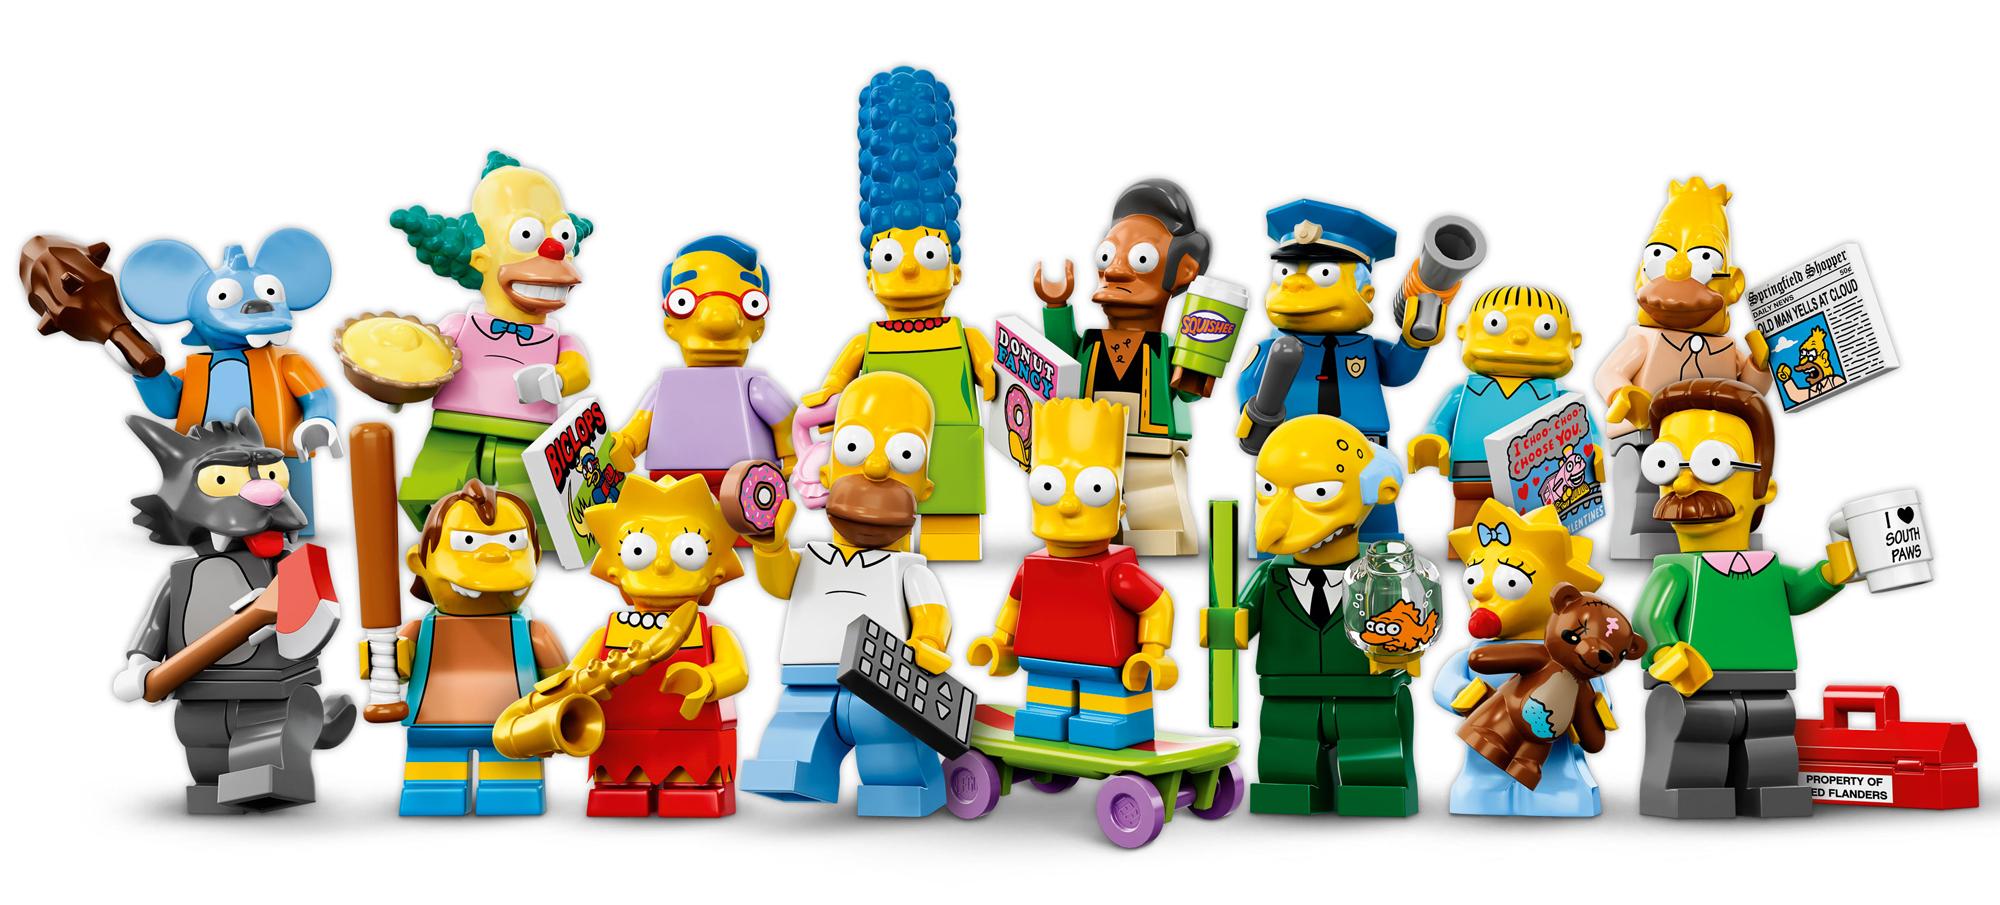 La colección completa de LEGO Simpsons Minifigures.